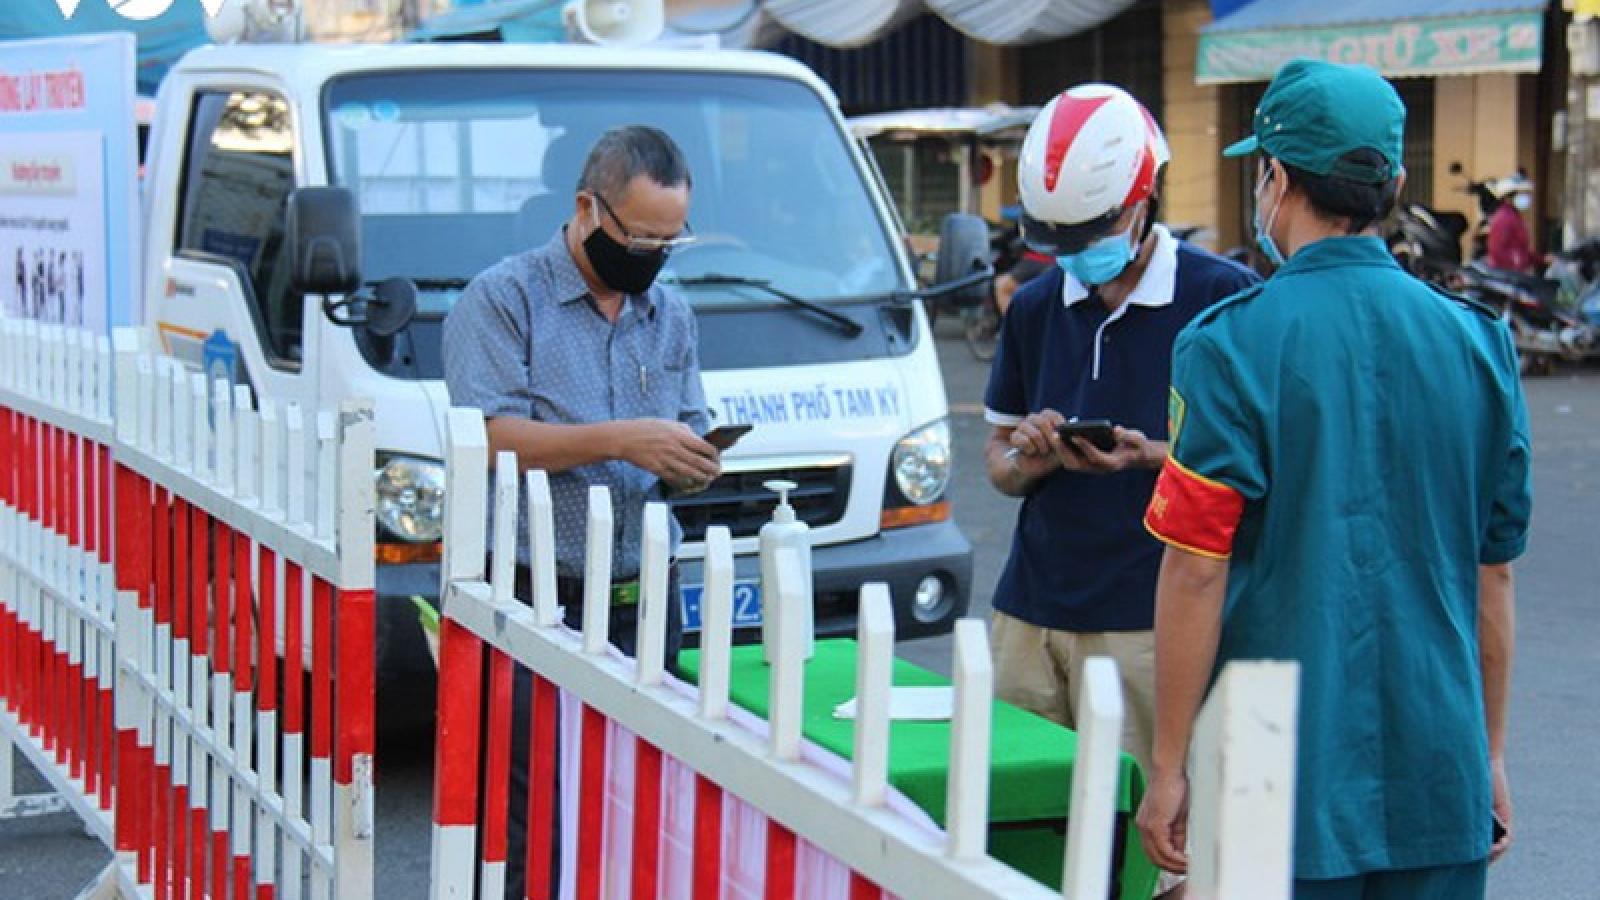 Phong tỏa một khu vực gần chợ Tam Kỳ do bé trai nghi nhiễm Covid-19